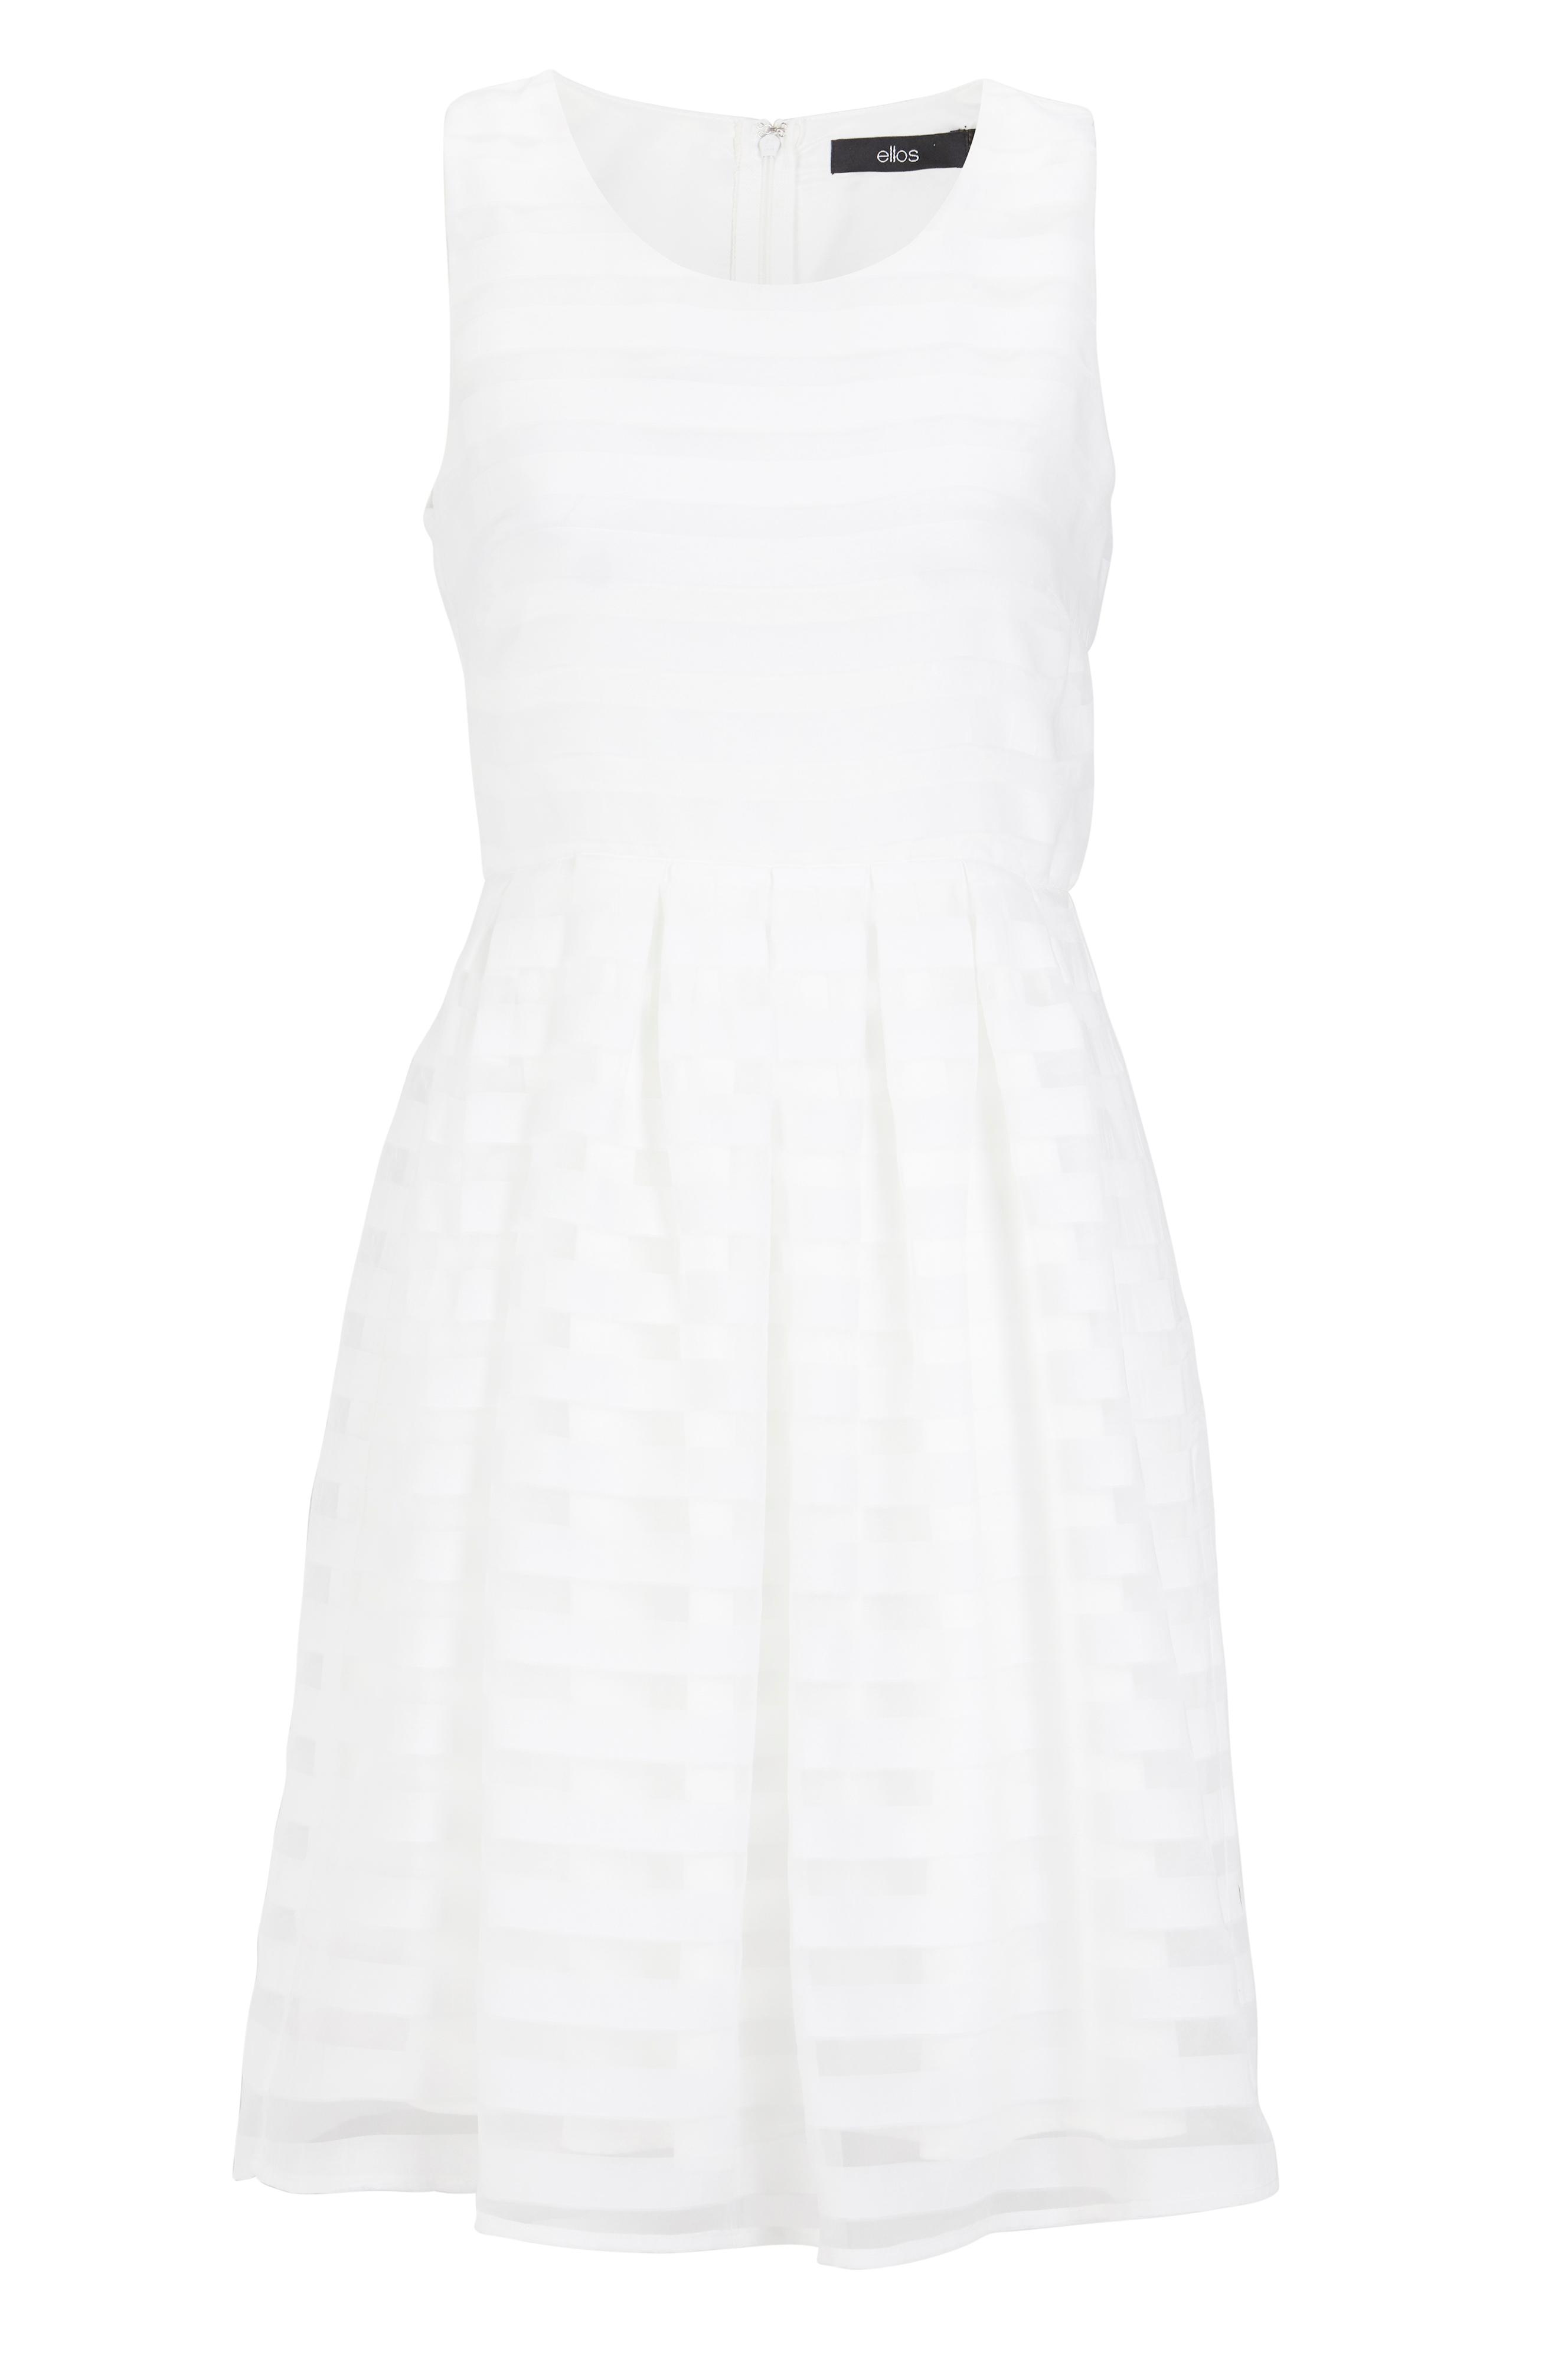 Ellos Collection Klänning randig Vit Korta klänningar